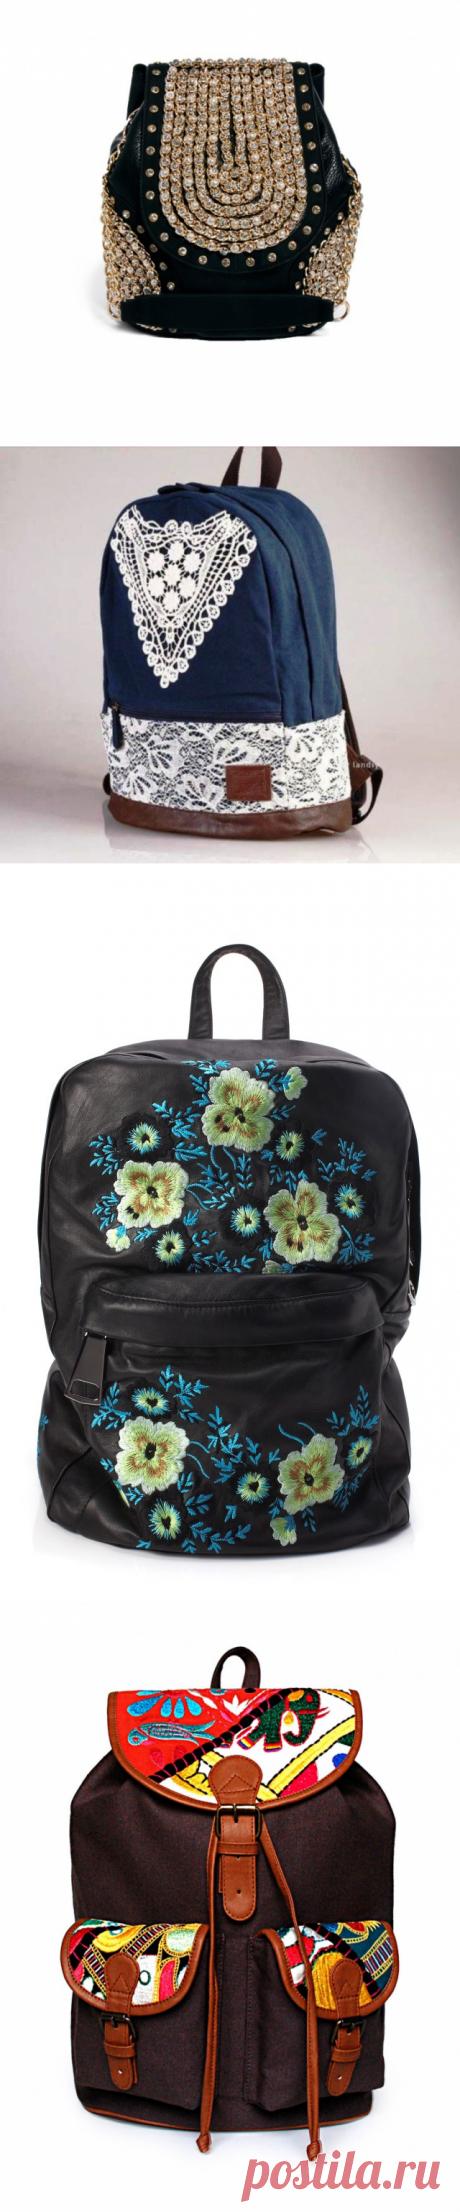 Рюкзаки с декором (подборка) / Сумки, клатчи, чемоданы / ВТОРАЯ УЛИЦА